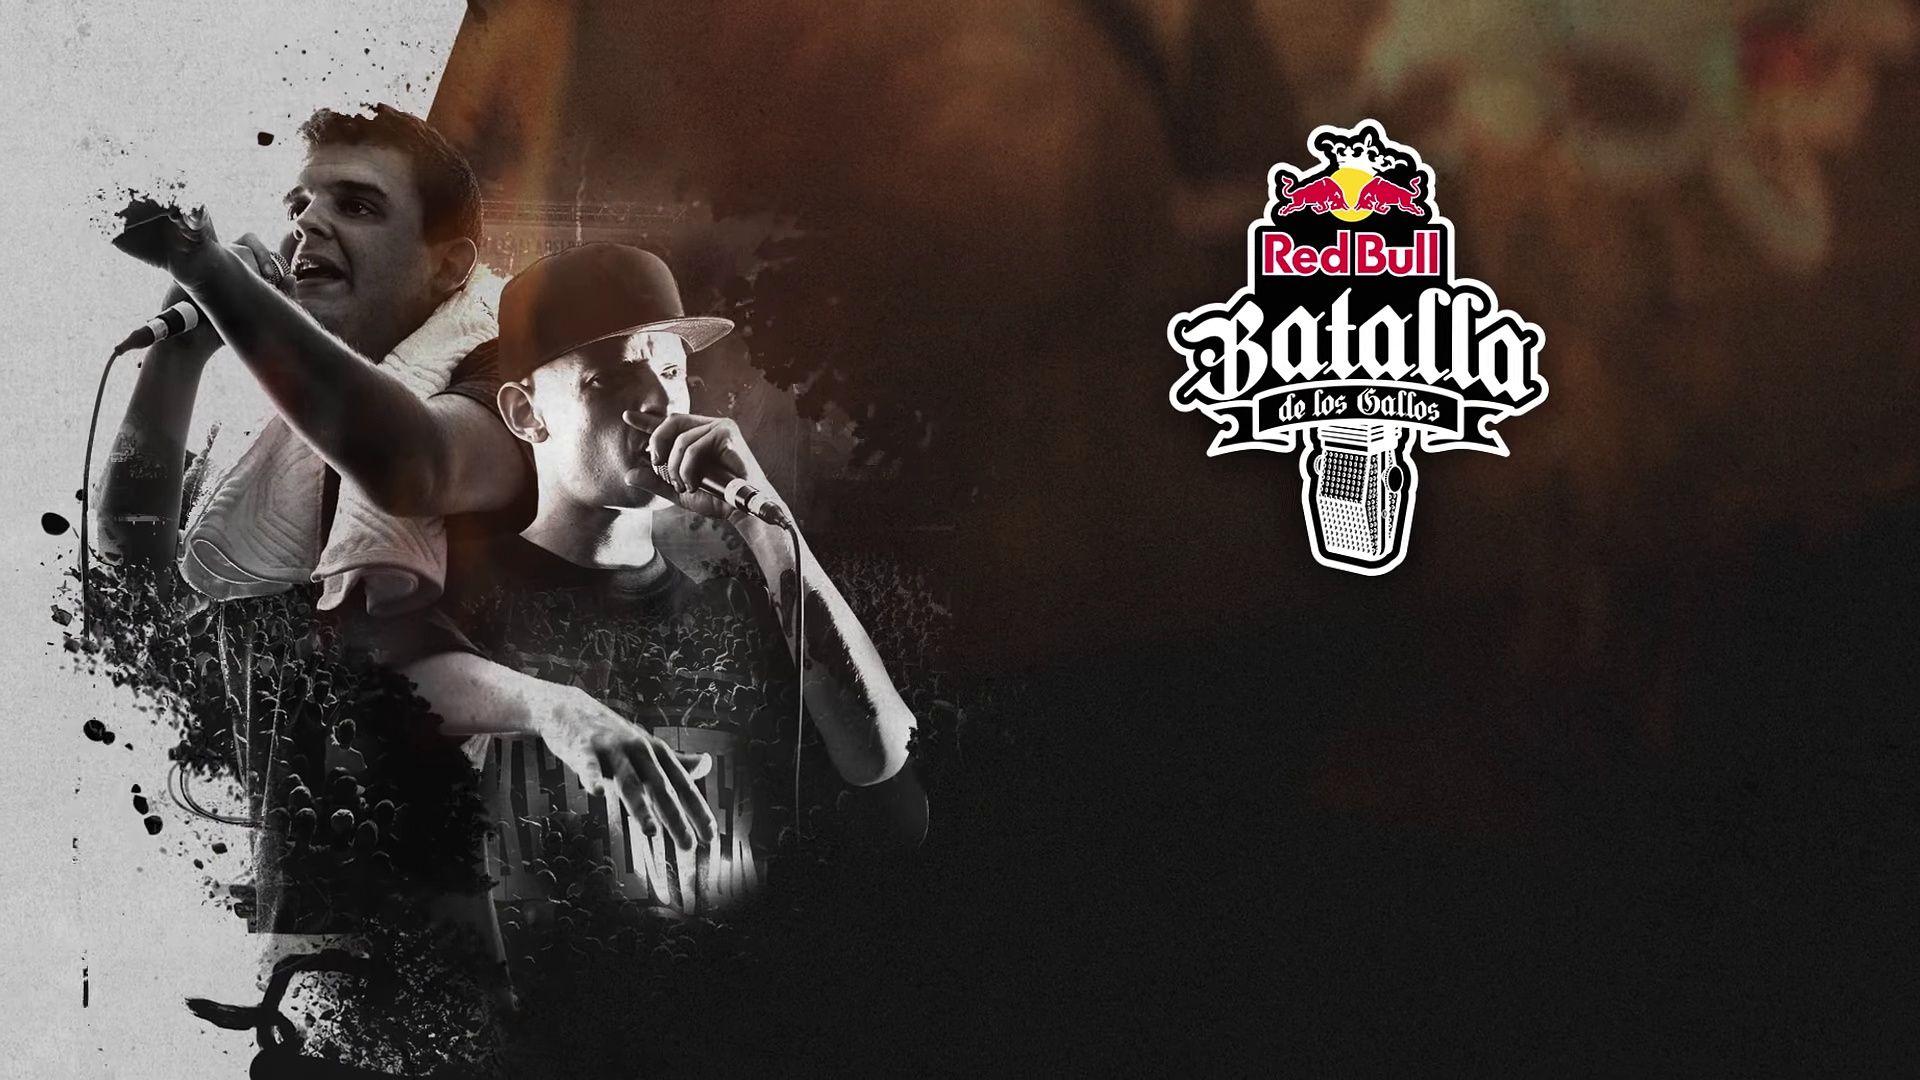 Sador vs Acertijo (Octavos) – Red Bull Batalla de los Gallos 2016 Chile. Regional Santiago de Chile -  Sador vs Acertijo (Octavos) – Red Bull Batalla de los Gallos 2016 Chile. Regional Santiago de Chile - http://batallasderap.net/sador-vs-acertijo-octavos-red-bull-batalla-de-los-gallos-2016-chile-regional-santiago-de-chile/  #rap #hiphop #freestyle